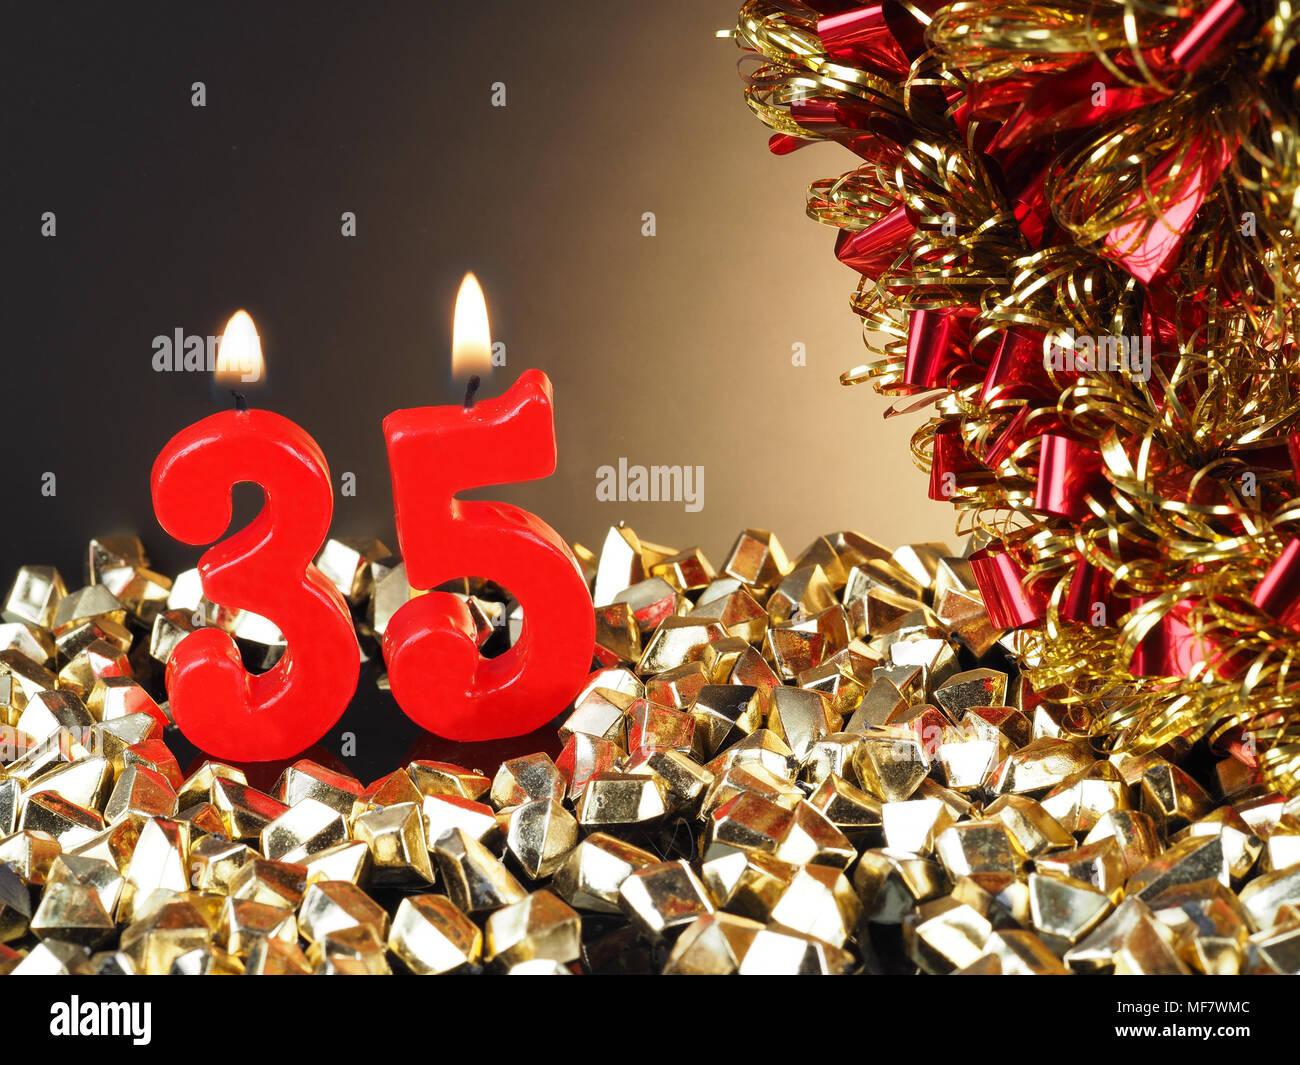 Zusammenfassung Hintergrund Fur Geburtstag Oder Jubilaum Rote